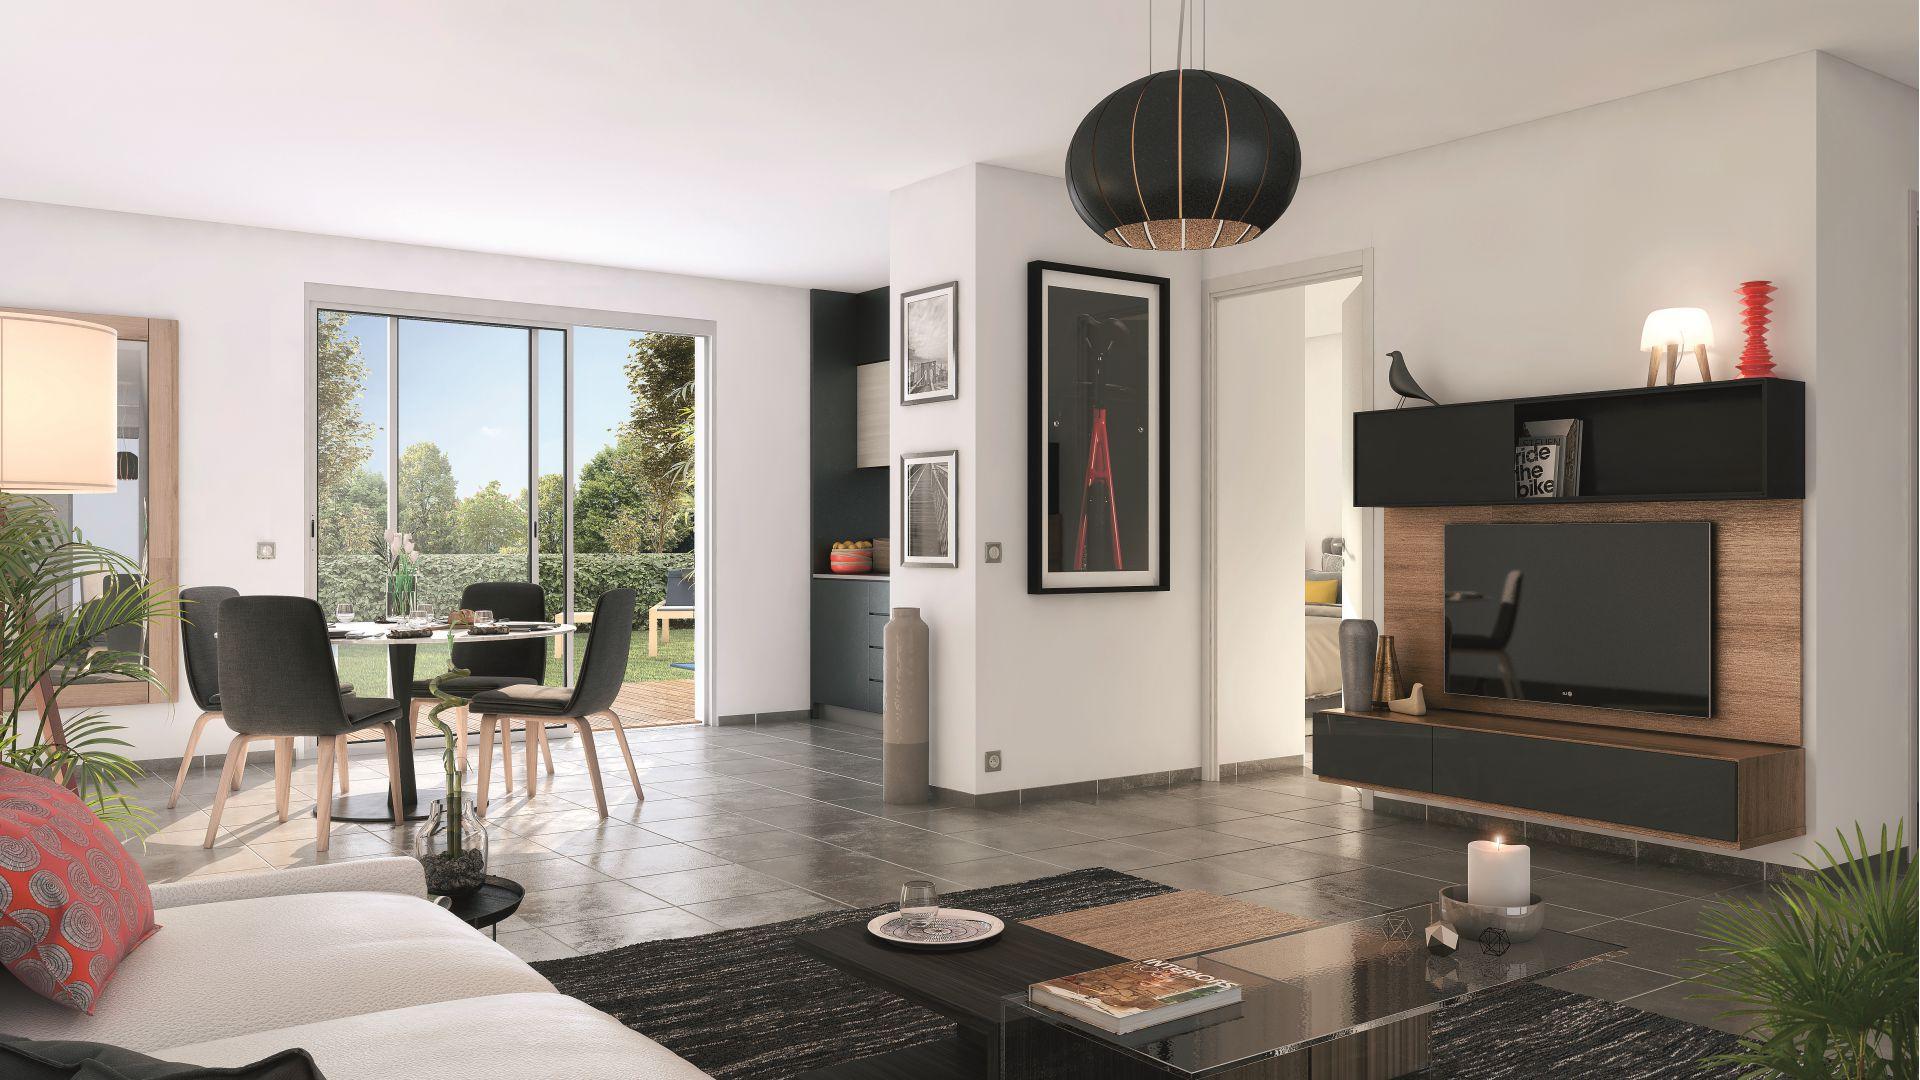 Greencity Immobilier - Cornebarrieu - Le Clos D'Agate - Villa T5 intérieur